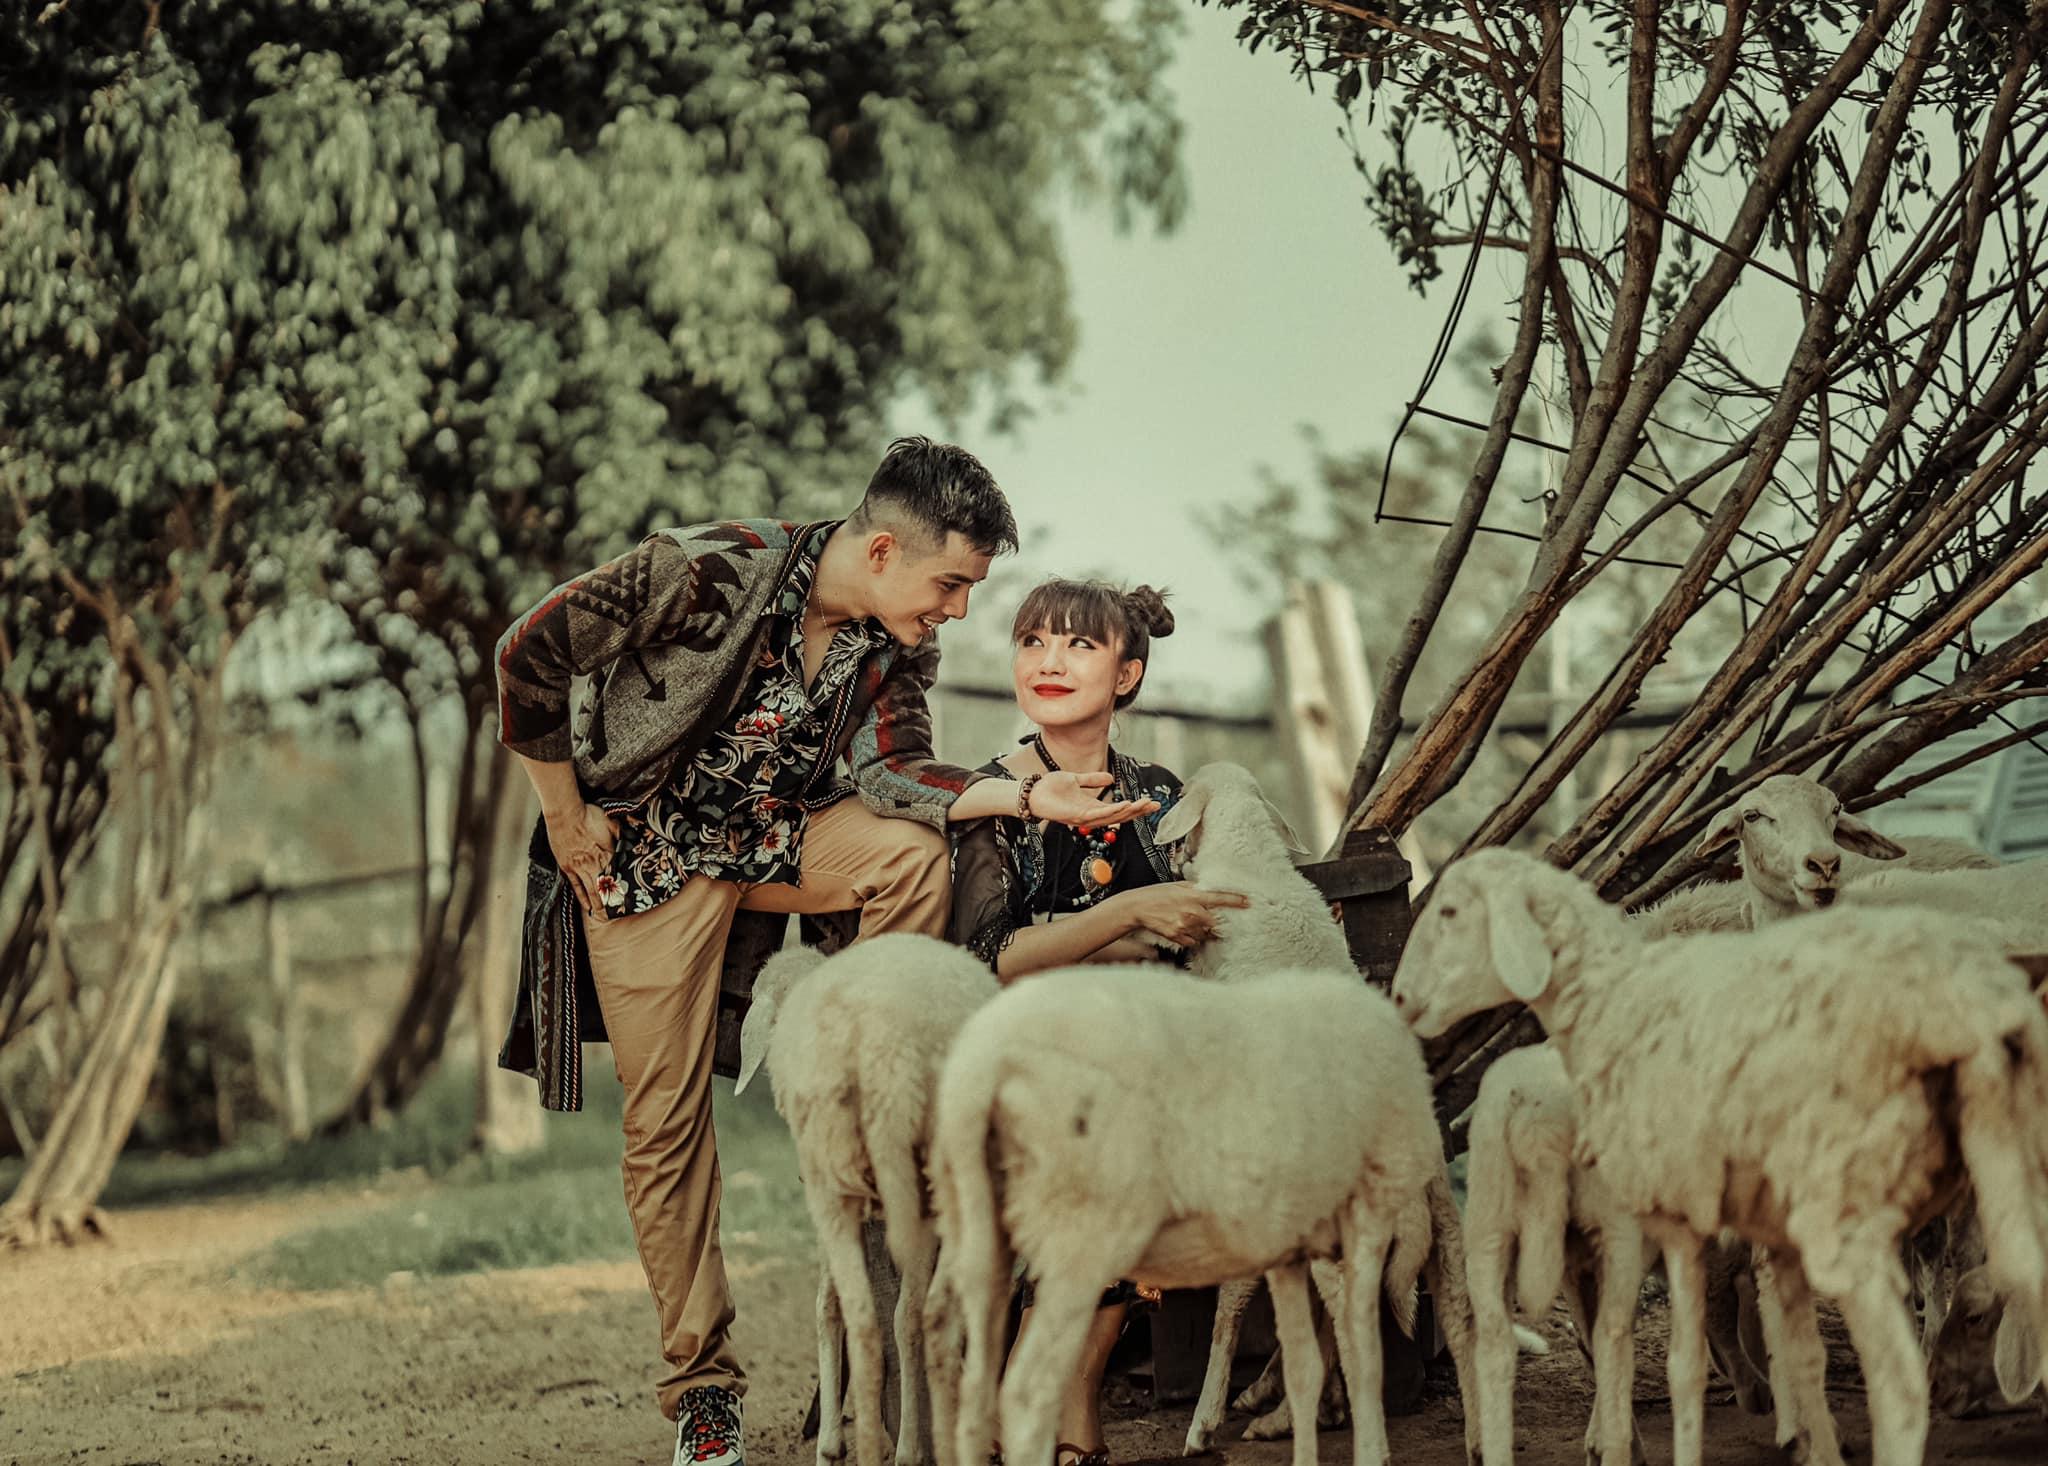 ravelholic Lý Anh Thư, dulichchat, du lịch chất, blog du lịch, tuân cuồng chân blogger